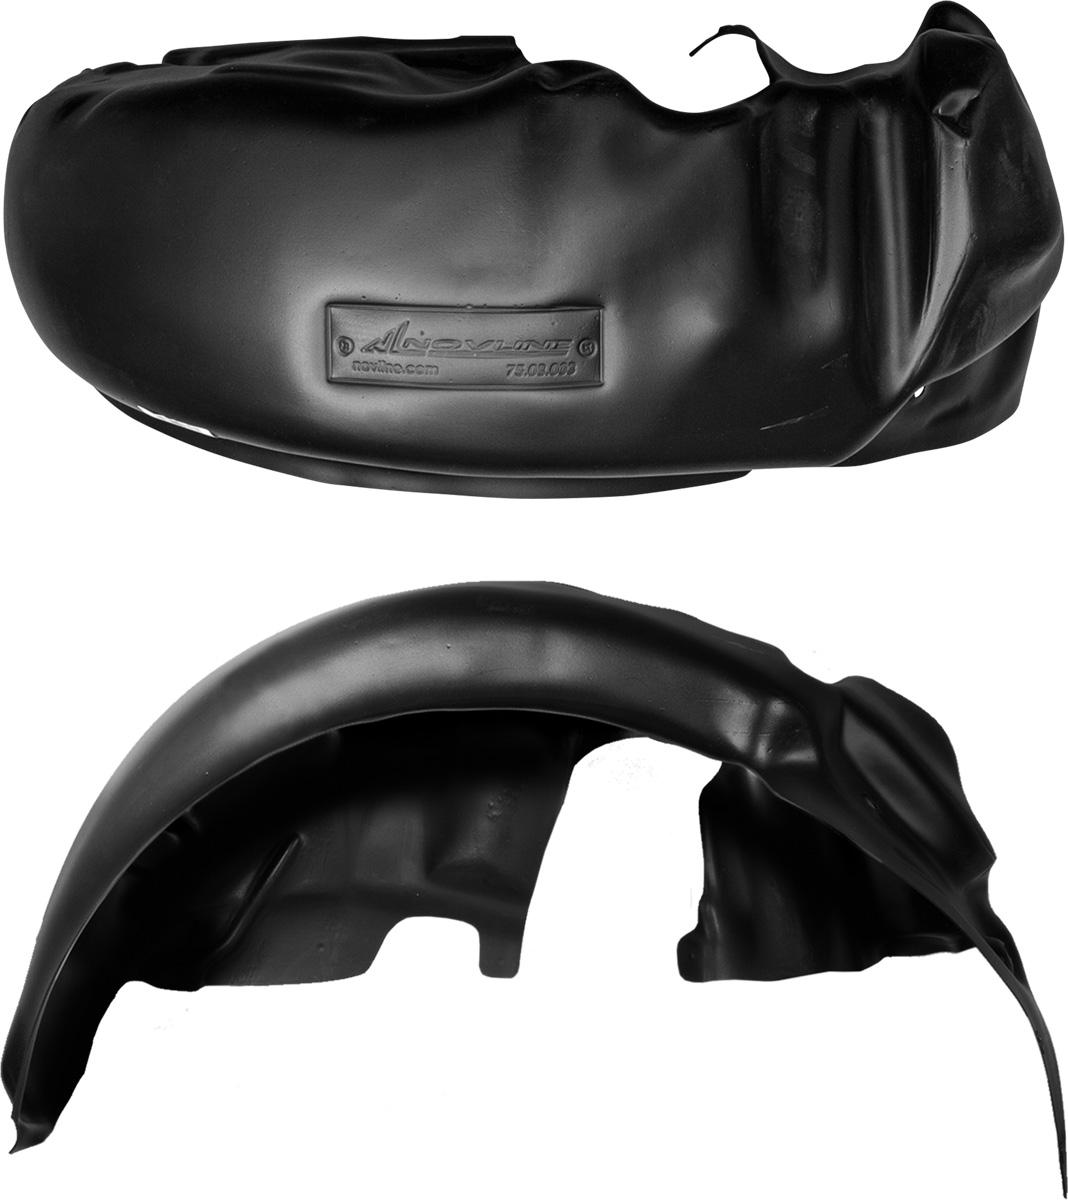 Подкрылок Novline-Autofamily, для Geely Emgrand EC7, 2011->, задний правыйAdvoCam-FD-ONEКолесные ниши - одни из самых уязвимых зон днища вашего автомобиля. Они постоянно подвергаются воздействию со стороны дороги. Лучшая, почти абсолютная защита для них - специально отформованные пластиковые кожухи, которые называются подкрылками. Производятся они как для отечественных моделей автомобилей, так и для иномарок. Подкрылки Novline-Autofamily выполнены из высококачественного, экологически чистого пластика. Обеспечивают надежную защиту кузова автомобиля от пескоструйного эффекта и негативного влияния, агрессивных антигололедных реагентов. Пластик обладает более низкой теплопроводностью, чем металл, поэтому в зимний период эксплуатации использование пластиковых подкрылков позволяет лучше защитить колесные ниши от налипания снега и образования наледи. Оригинальность конструкции подчеркивает элегантность автомобиля, бережно защищает нанесенное на днище кузова антикоррозийное покрытие и позволяет осуществить крепление подкрылков внутри колесной арки практически без дополнительного крепежа и сверления, не нарушая при этом лакокрасочного покрытия, что предотвращает возникновение новых очагов коррозии. Подкрылки долговечны, обладают высокой прочностью и сохраняют заданную форму, а также все свои физико-механические характеристики в самых тяжелых климатических условиях (от -50°С до +50°С).Уважаемые клиенты!Обращаем ваше внимание, на тот факт, что подкрылок имеет форму, соответствующую модели данного автомобиля. Фото служит для визуального восприятия товара.